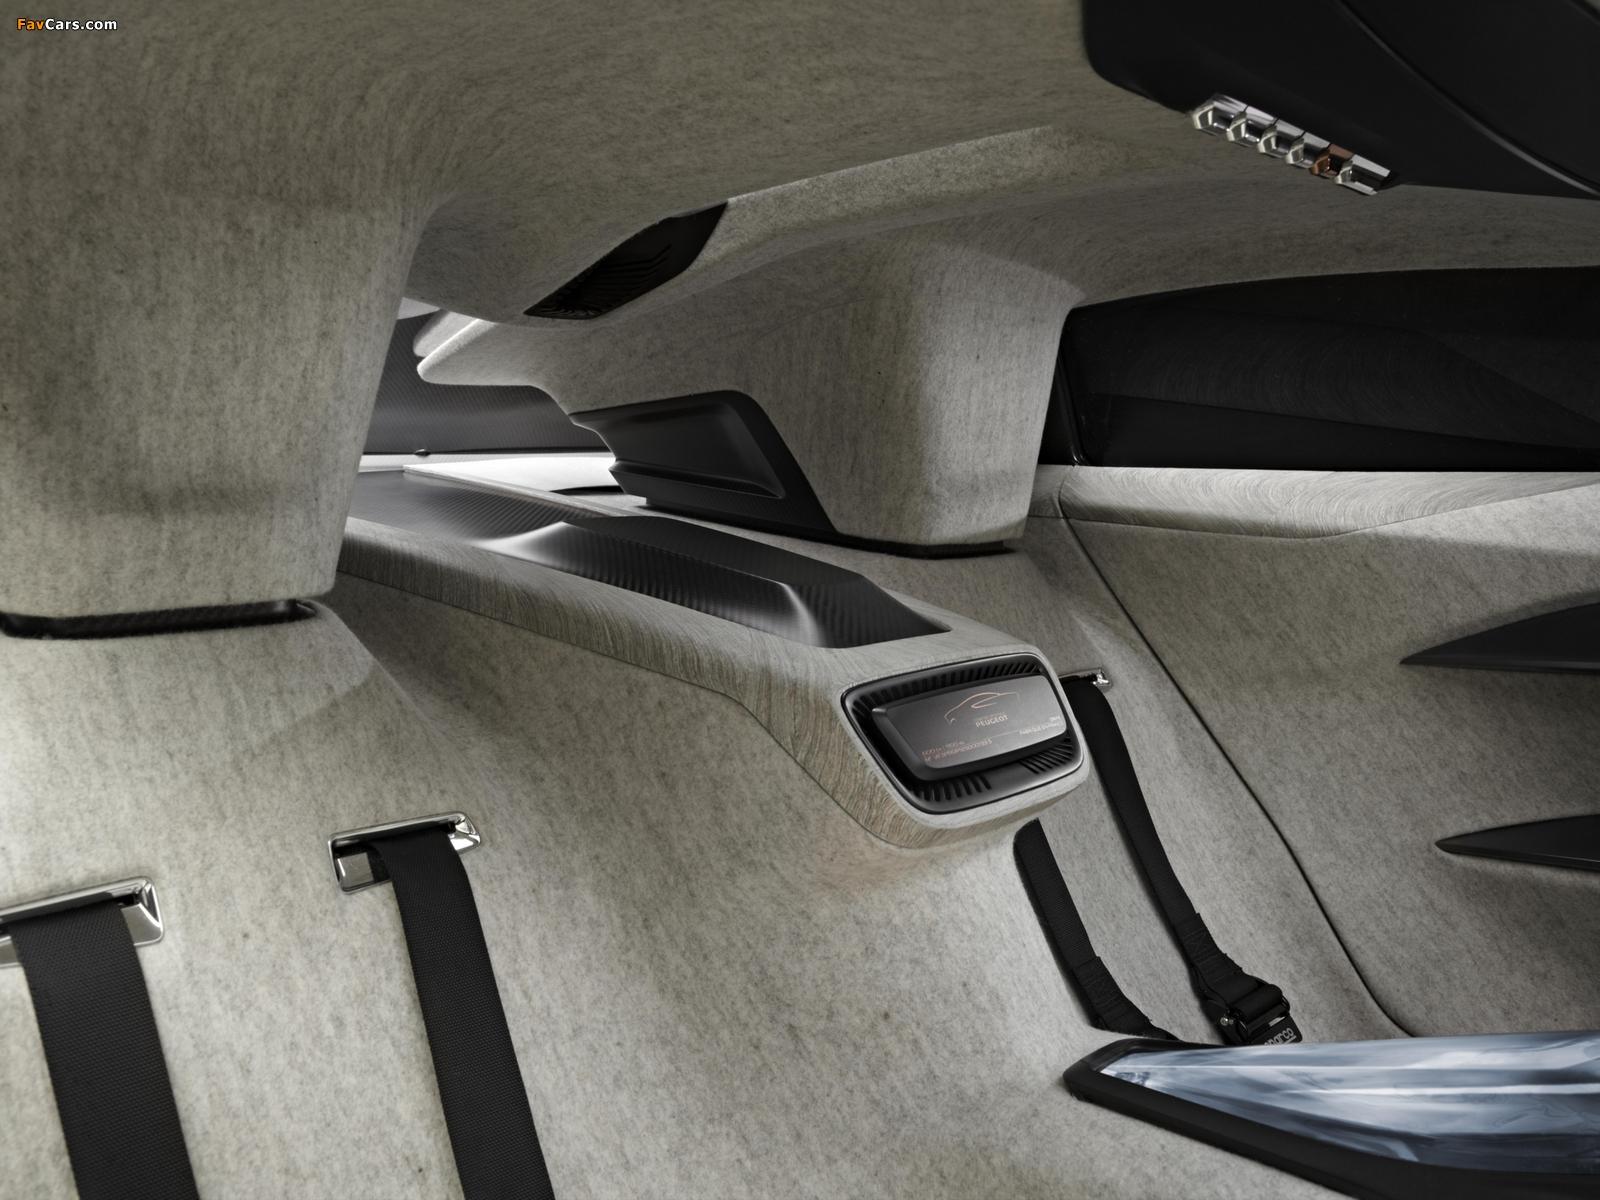 Peugeot Onyx Concept 2012 images (1600 x 1200)